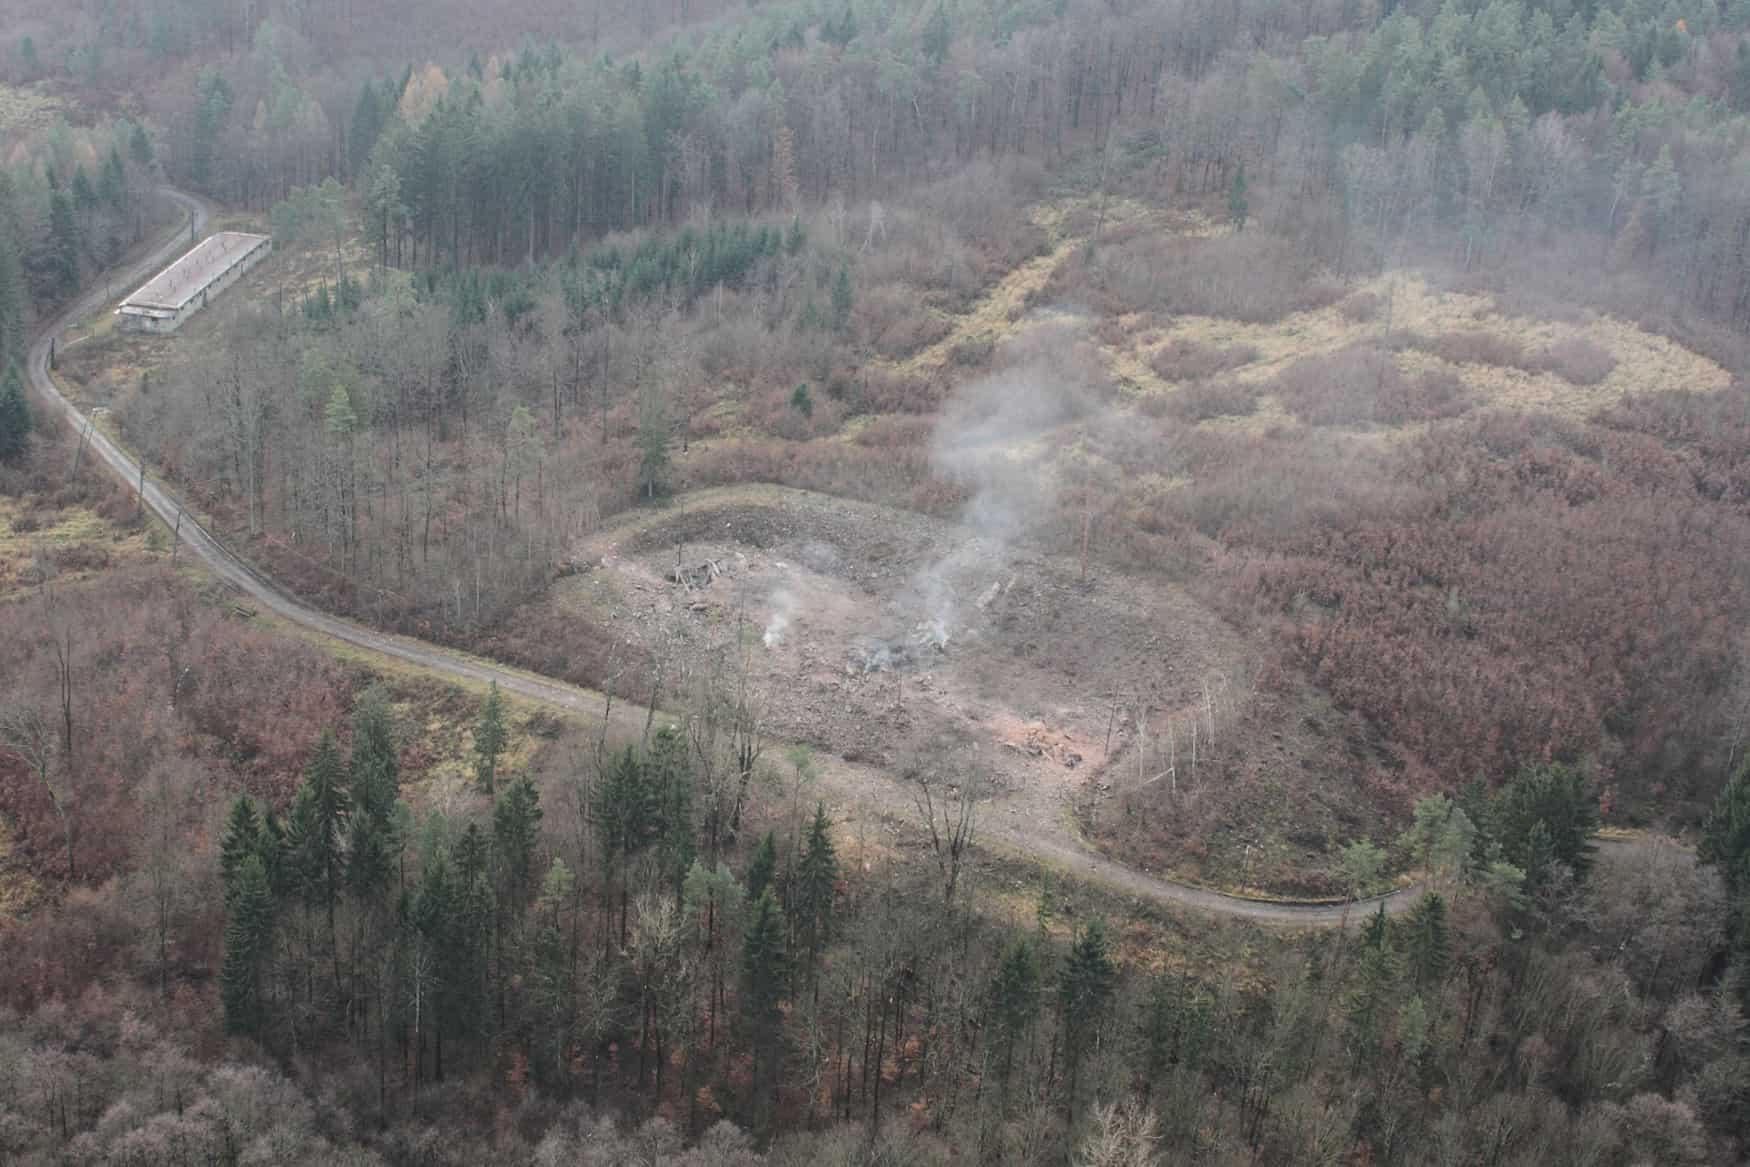 Місце вибуху складу боєприпасів в Врбетиці, Чехія. Жовтень 2014